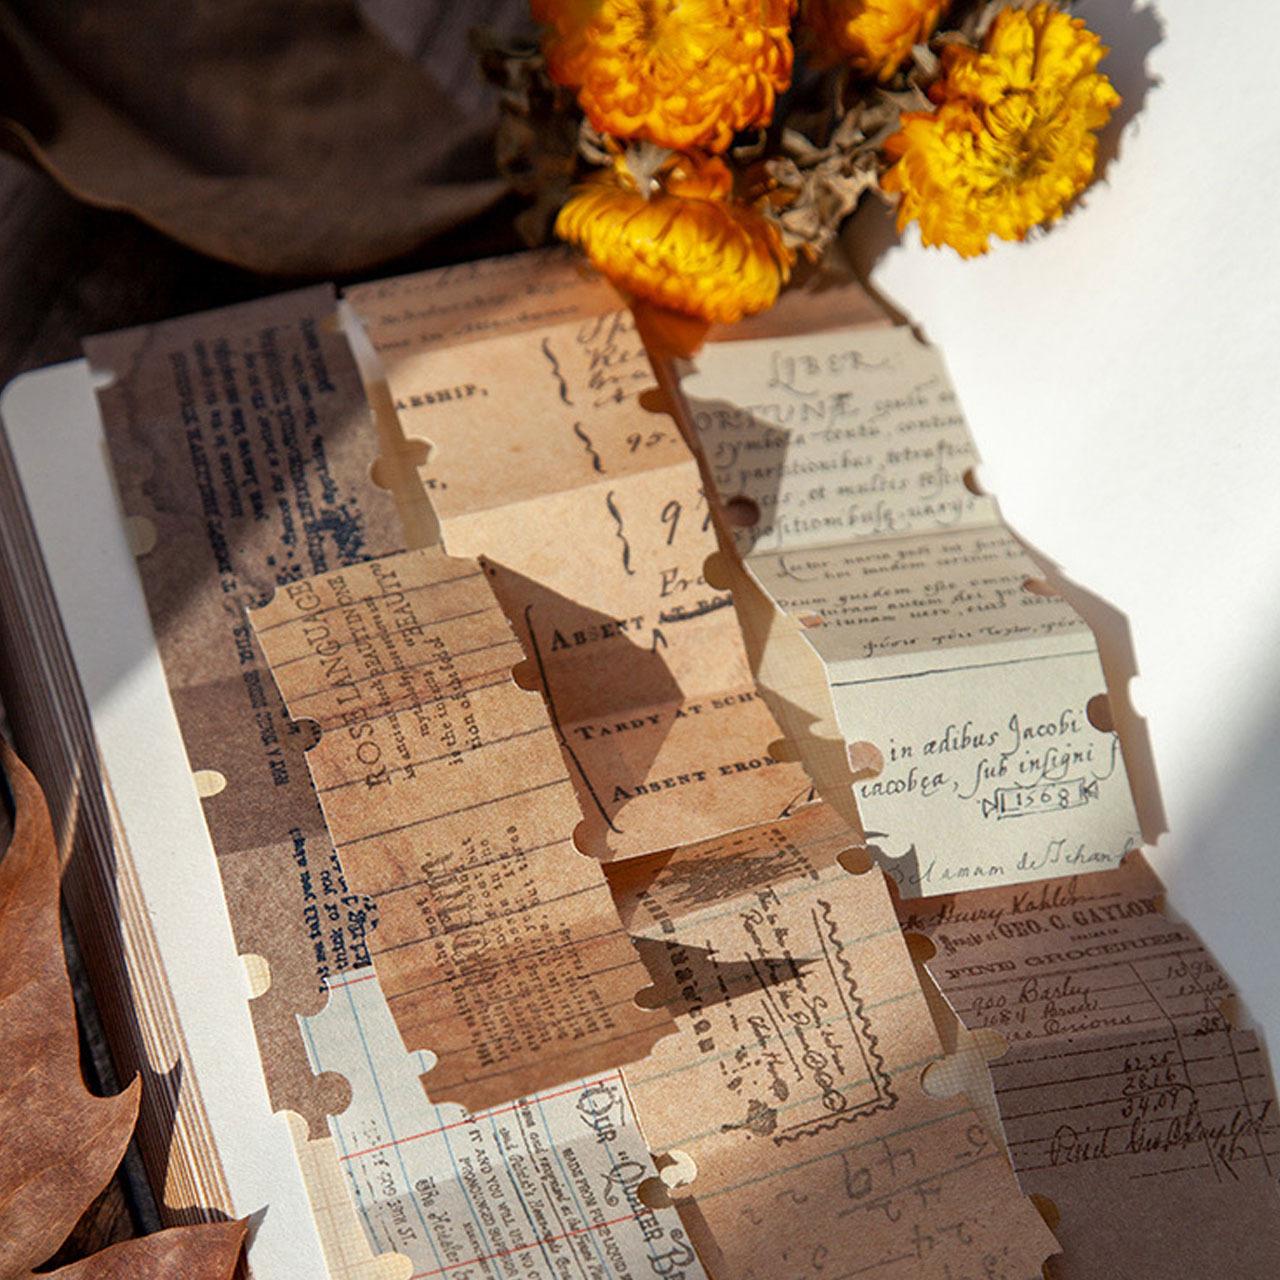 レトロ 素材紙 全8種 北欧 ヴィンテージ調 デザペ コラージュ ほぼ日手帳 ジャンクジャーナル E07